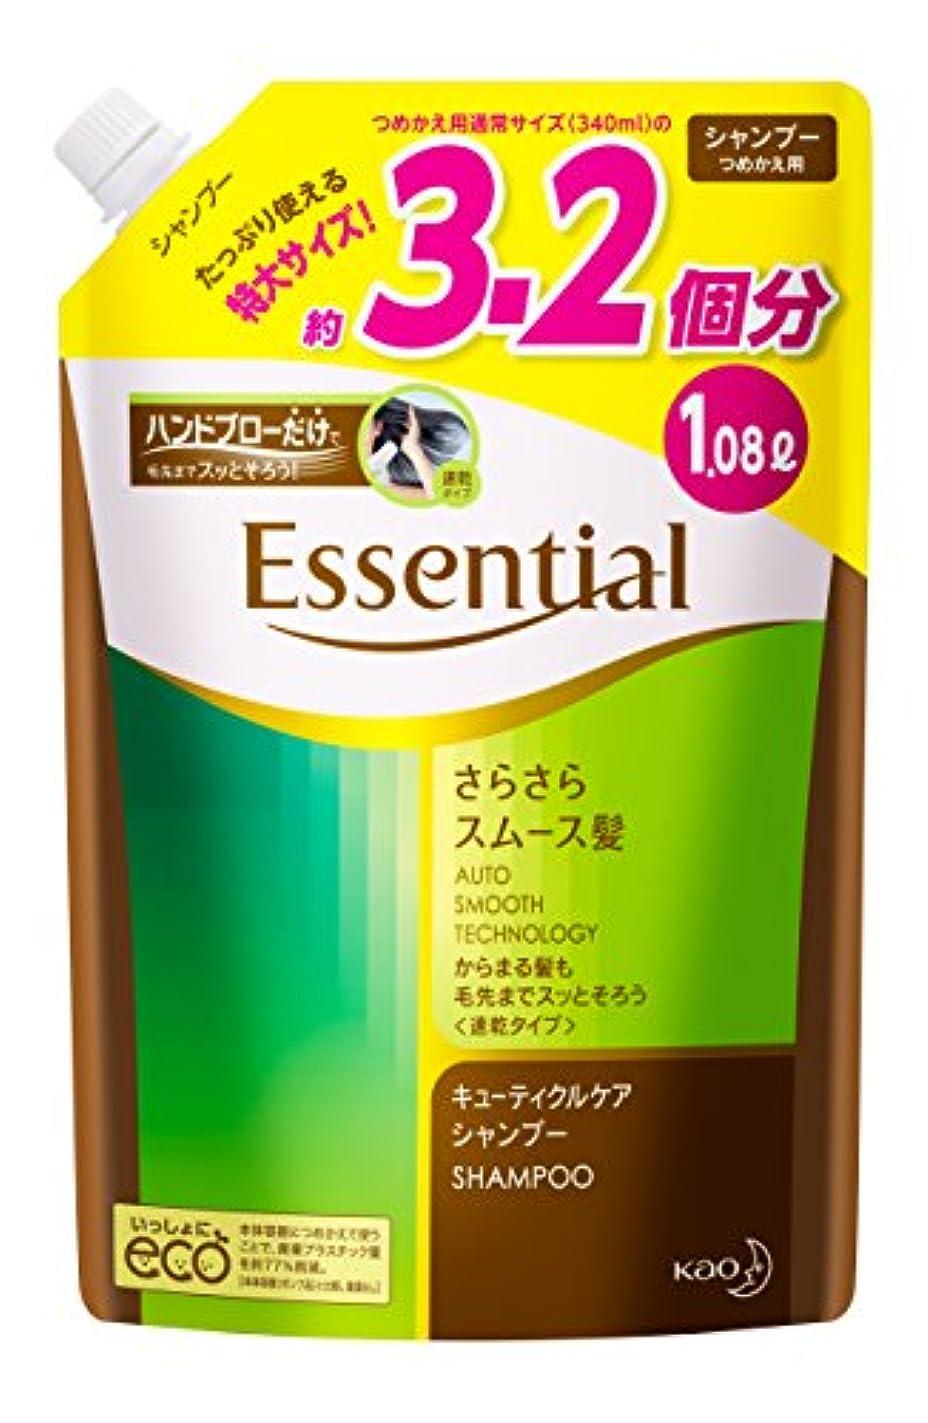 満足現実には拡張【大容量】エッセンシャル シャンプー さらさらスムース髪 替1080ml/1080ml